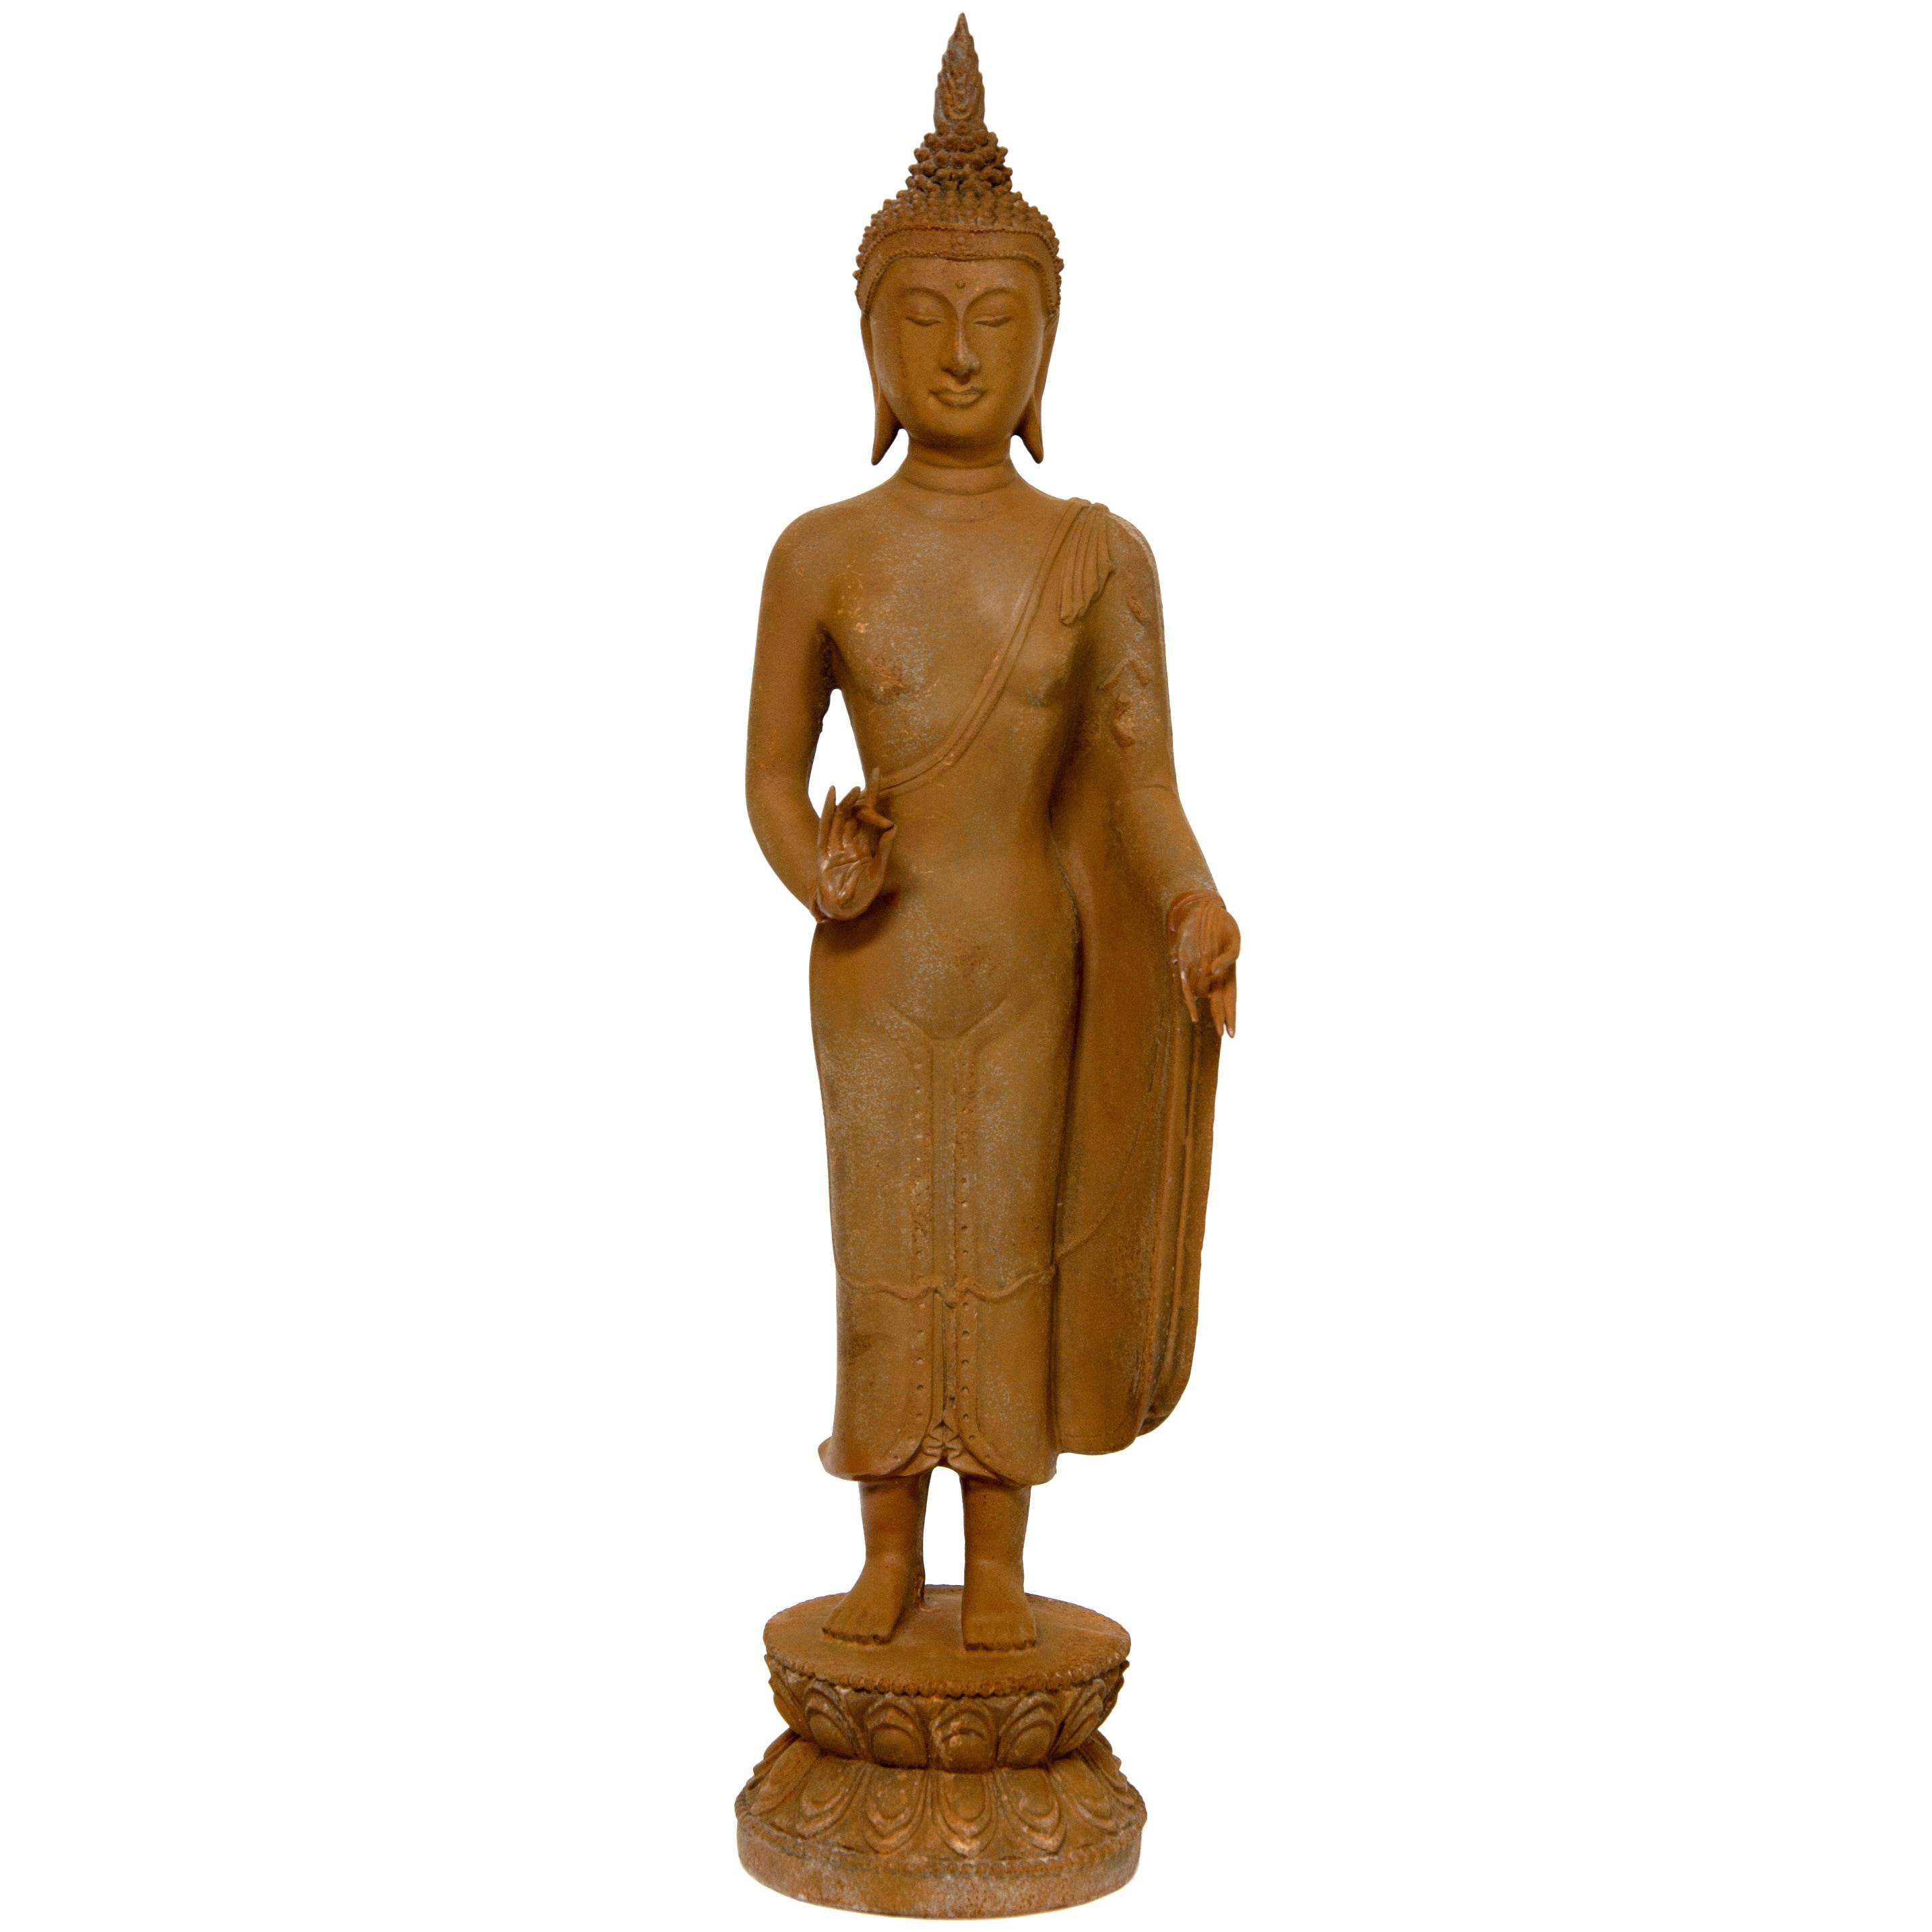 Handmade 21-inch Thai Standing Gebon Iron Look Buddha Sta...